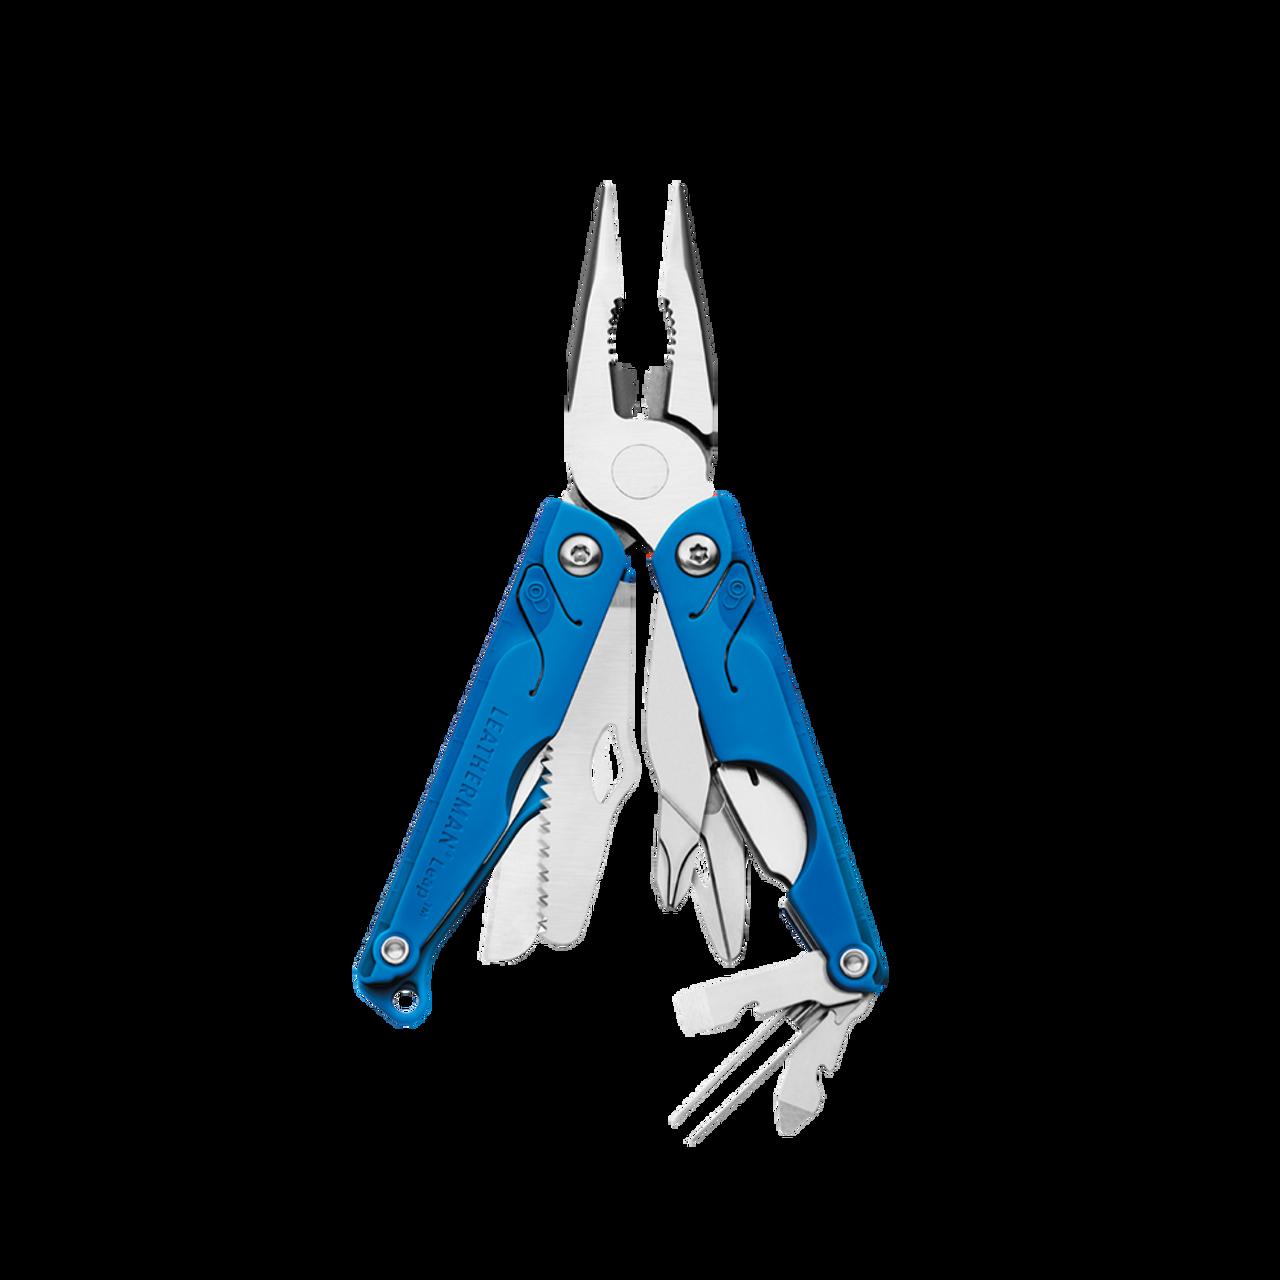 Leatherman 831830 Leap, Blue-(13 TOOLS)